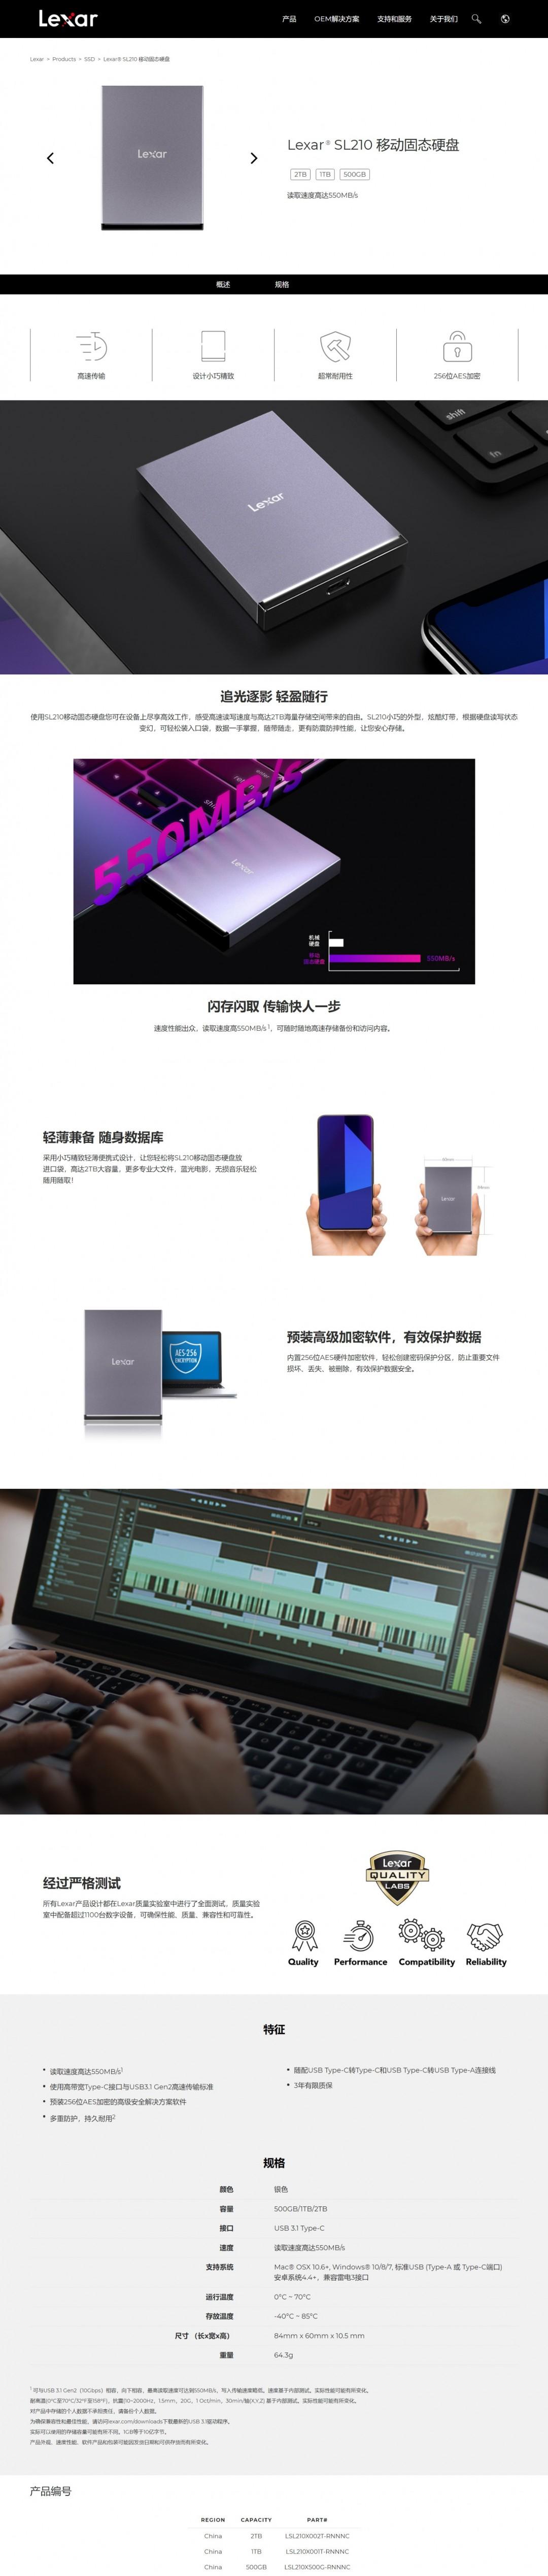 web-capture_28-7-2021_175525_wwwlexarcom